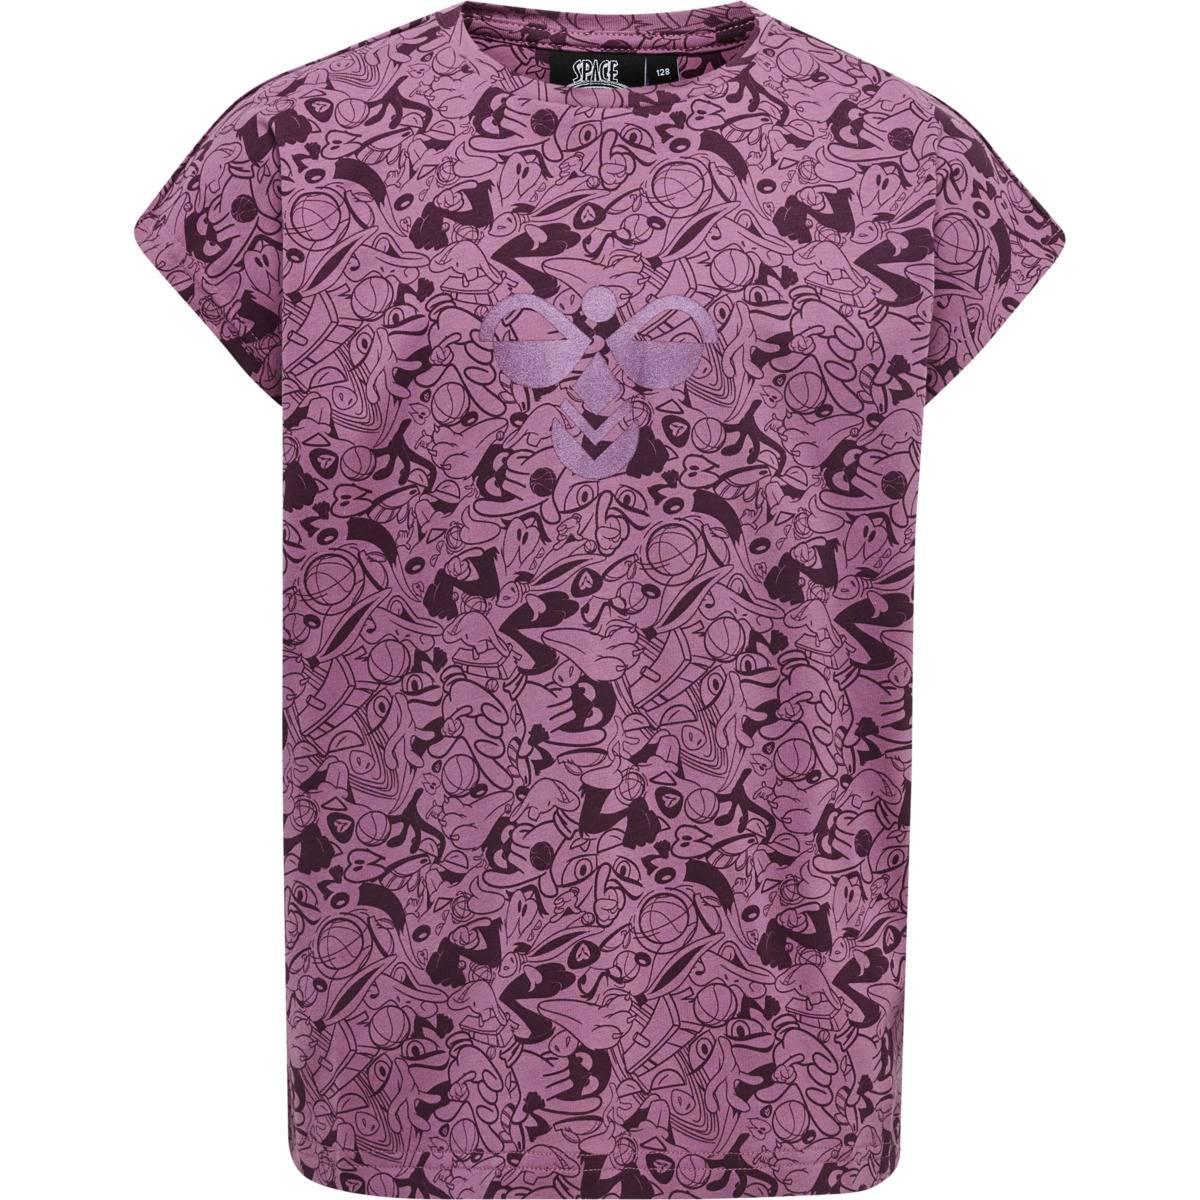 Hummel Space Jam Diez t-skjorte til barn, bordaux